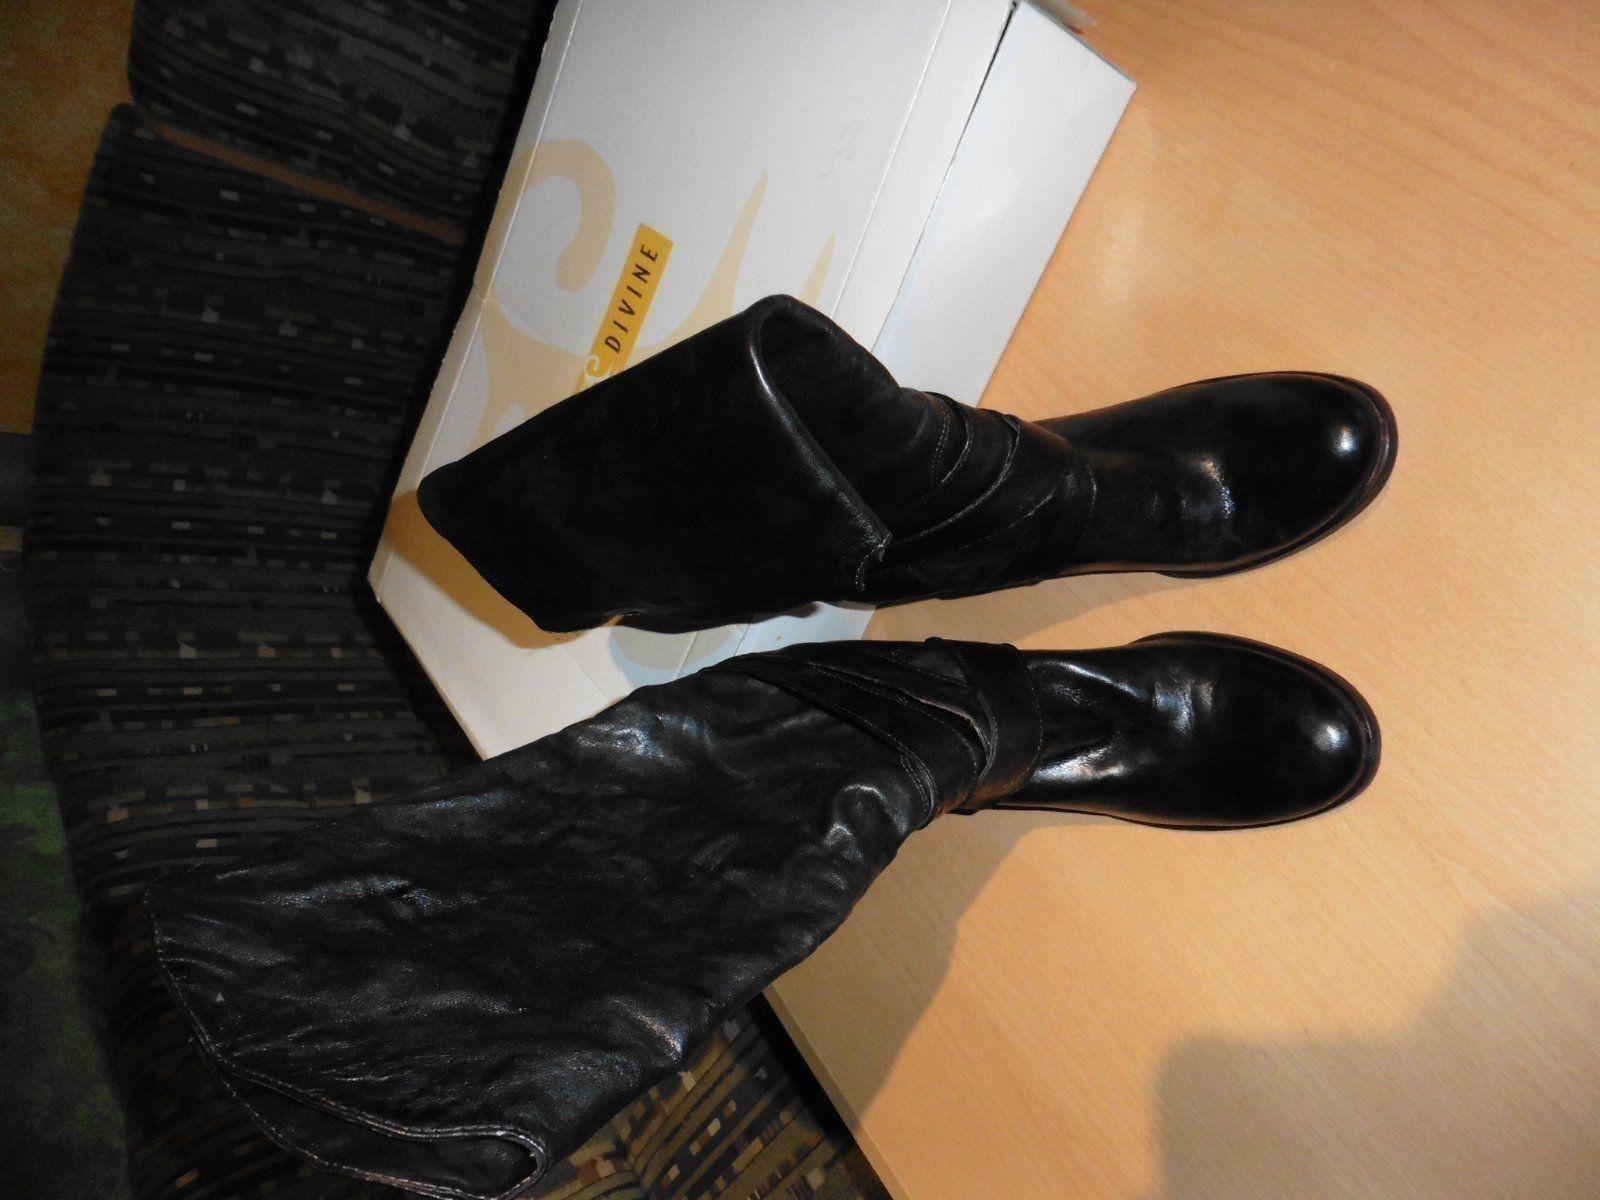 Biete Leder Stiefel von Miss Divine in der Größe 39 an